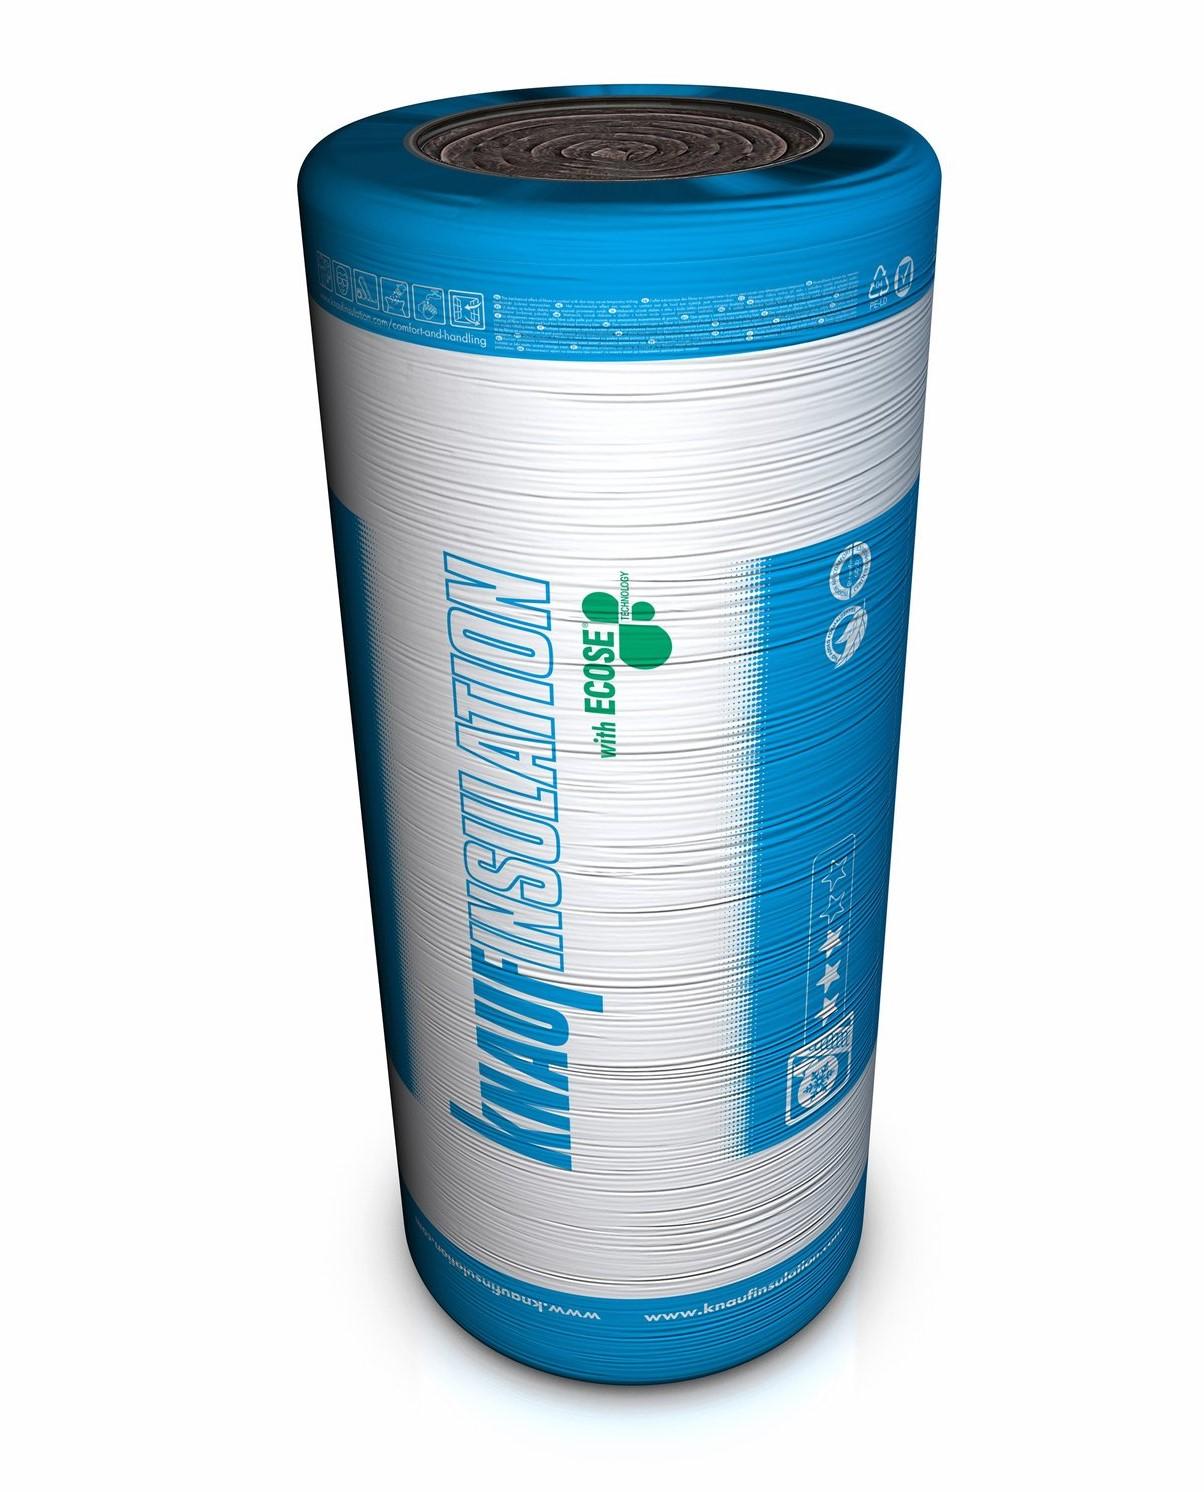 fenyőker-fatelep-termékek-minőség-megbízhatóság-hőszigetelő-üveggyapot-tekercses-hőszigetelés-knauf-naturoll-pro